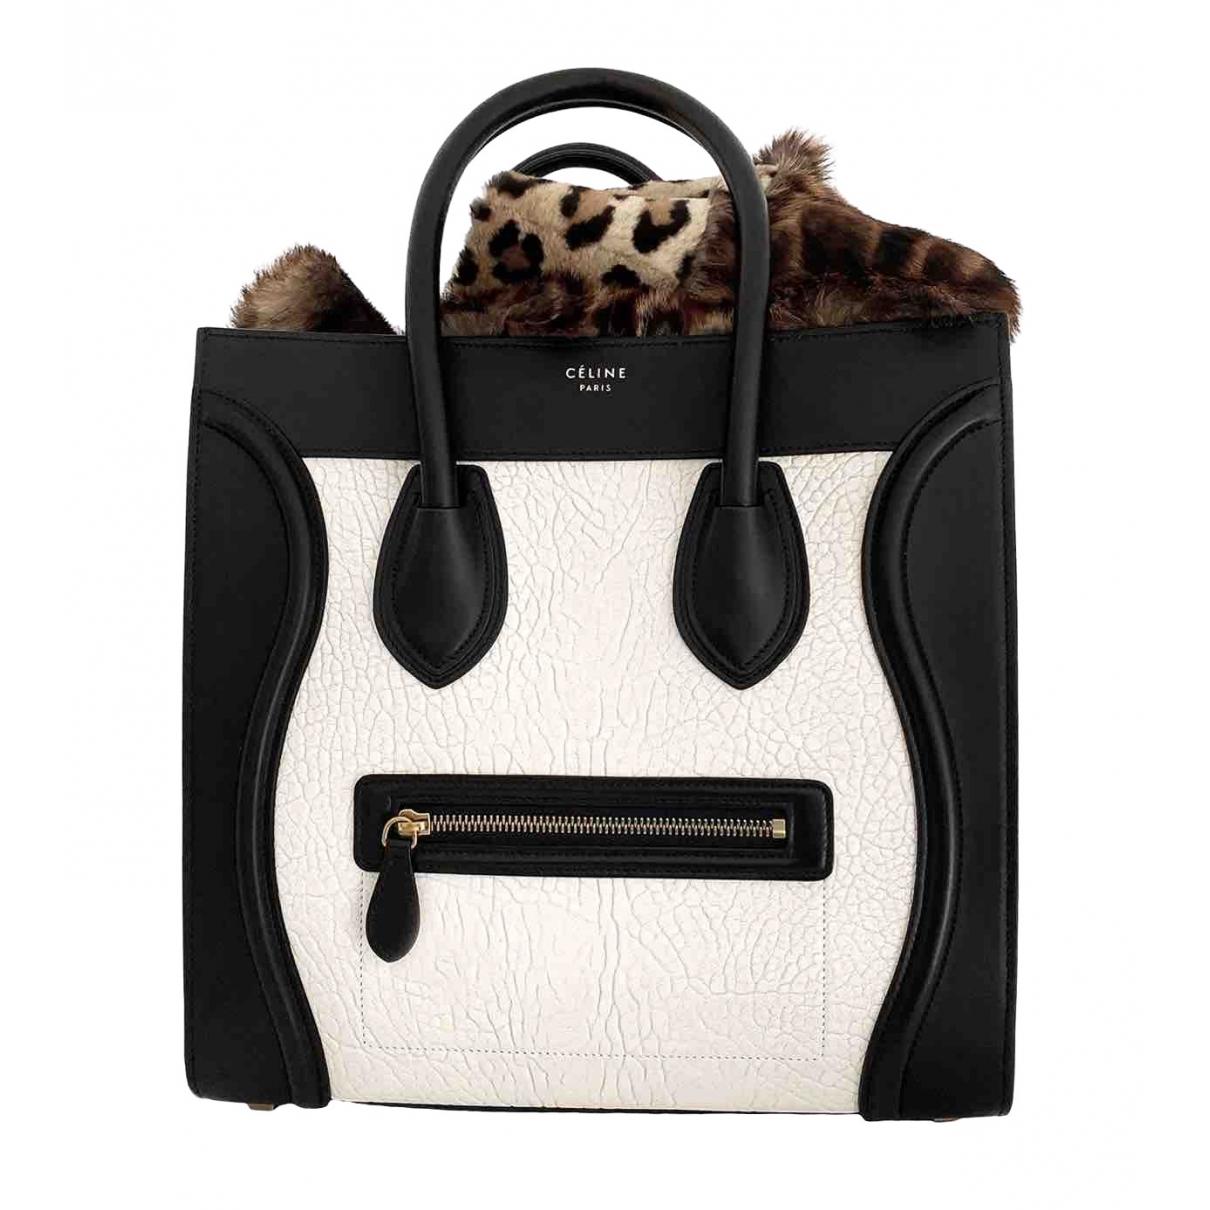 Celine - Sac a main Luggage pour femme en cuir